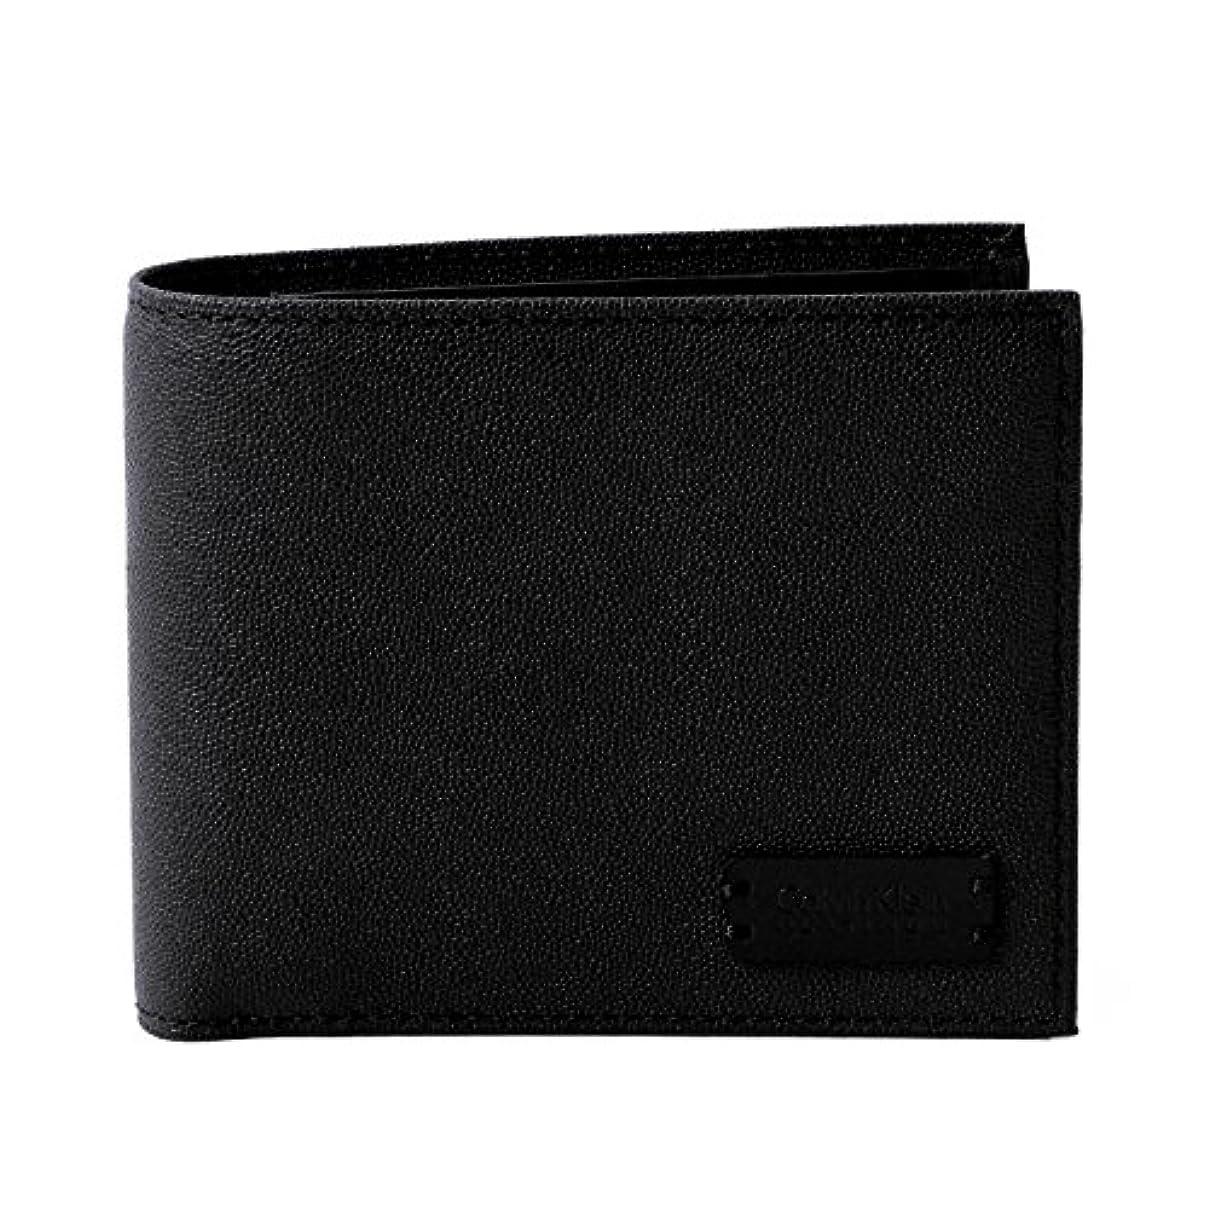 無数の資本過敏な[名入れ可] カルバンクライン プラティナム Calvin Klein PLATINUM レザー ウォレット セイム財布 本革 二つ折り 財布